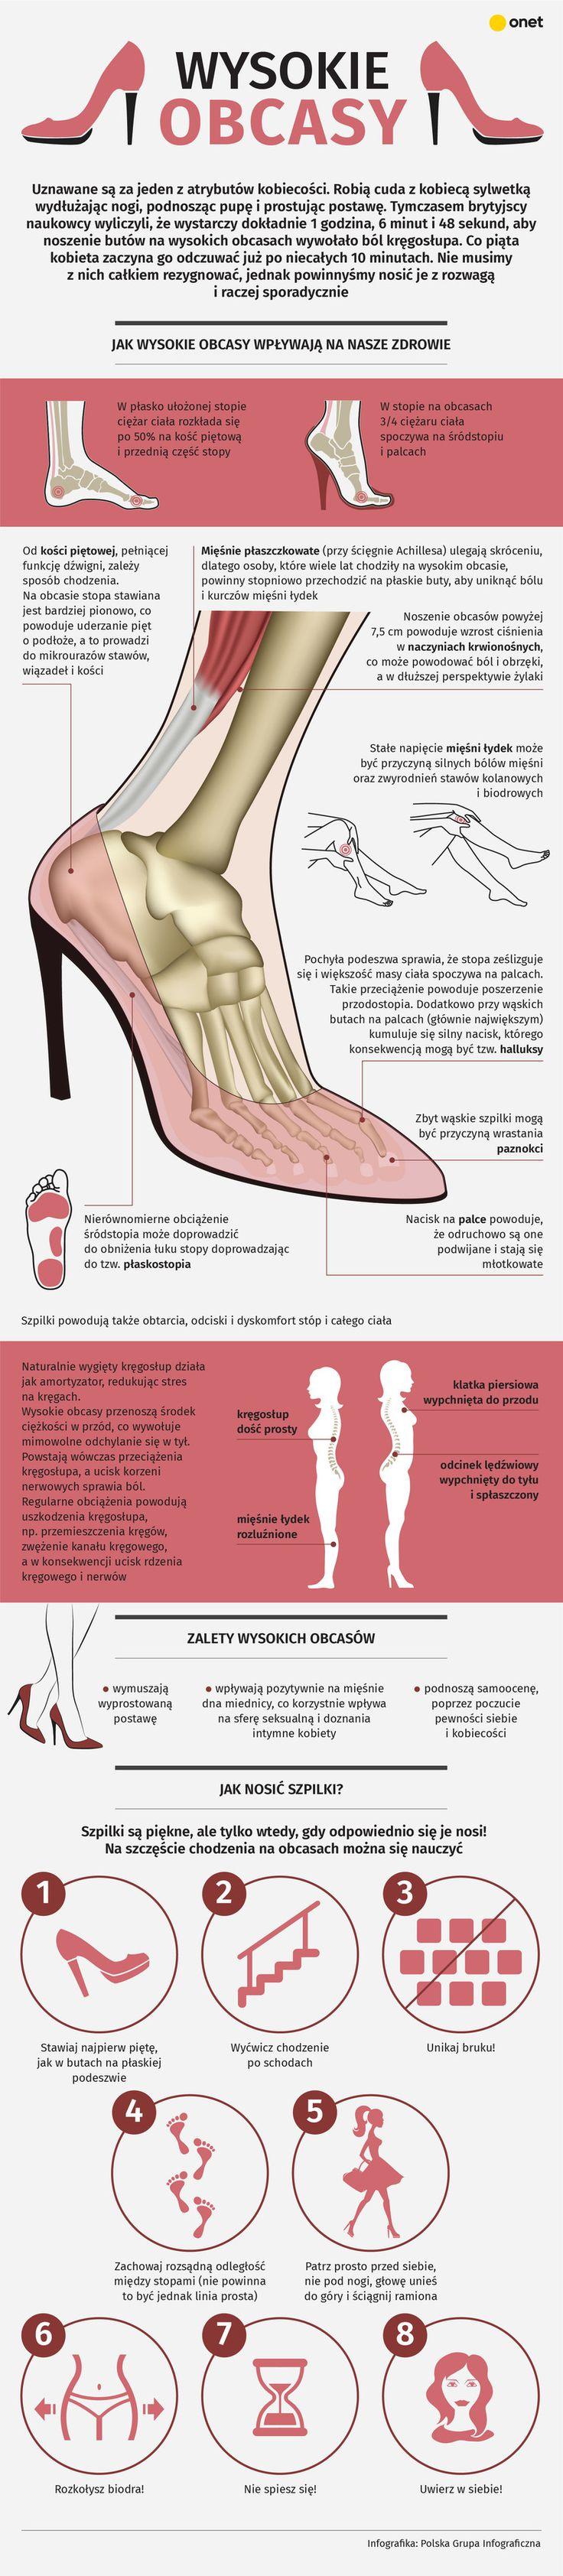 http://kobieta.onet.pl/moda/jak-wysokie-obcasy-wplywaja-na-nasze-zdrowie-infografika/jcpdze6